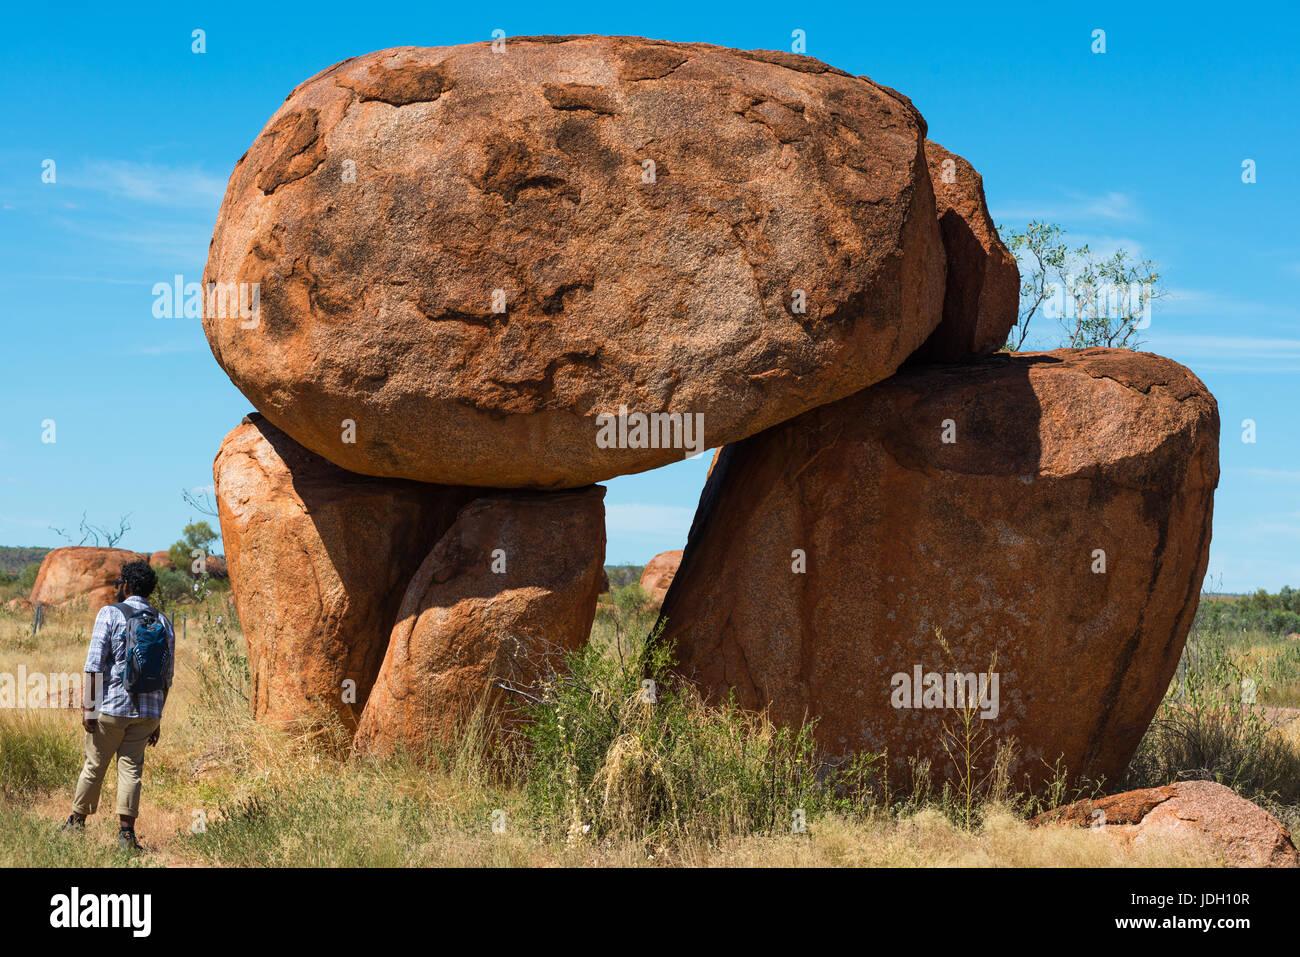 Devils Marmi - massi di granito rosso sono bilanciati su roccia, Australia, Territorio del Nord. Immagini Stock